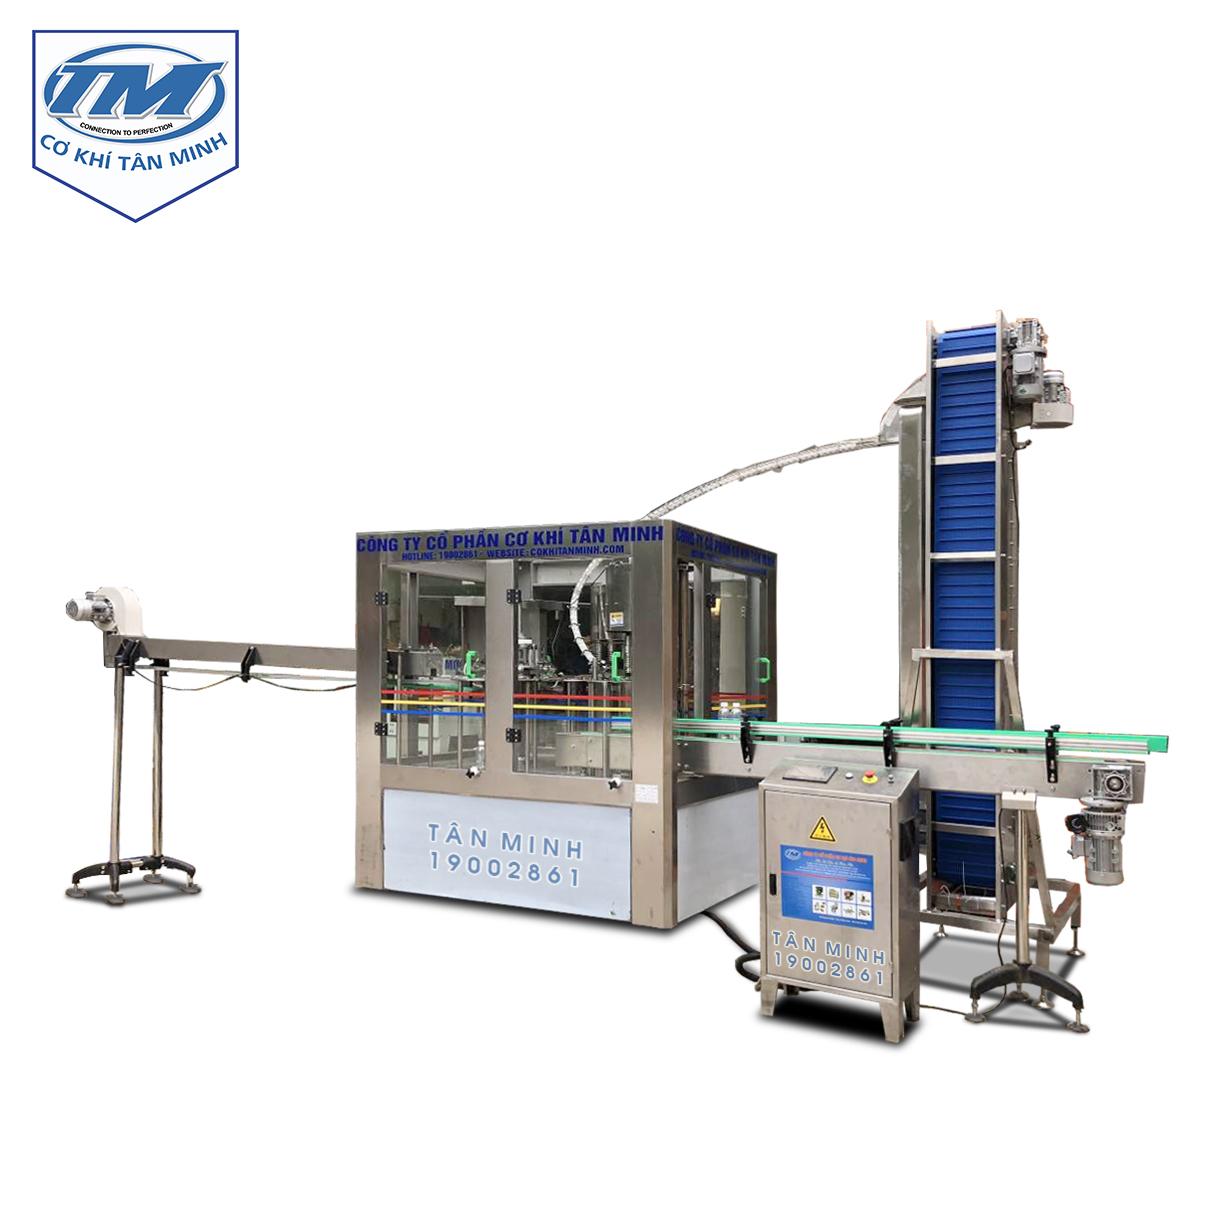 Dây chuyền xúc rửa chiết rót đóng nắp 8-8-3 tự động (TMDC-DC09)